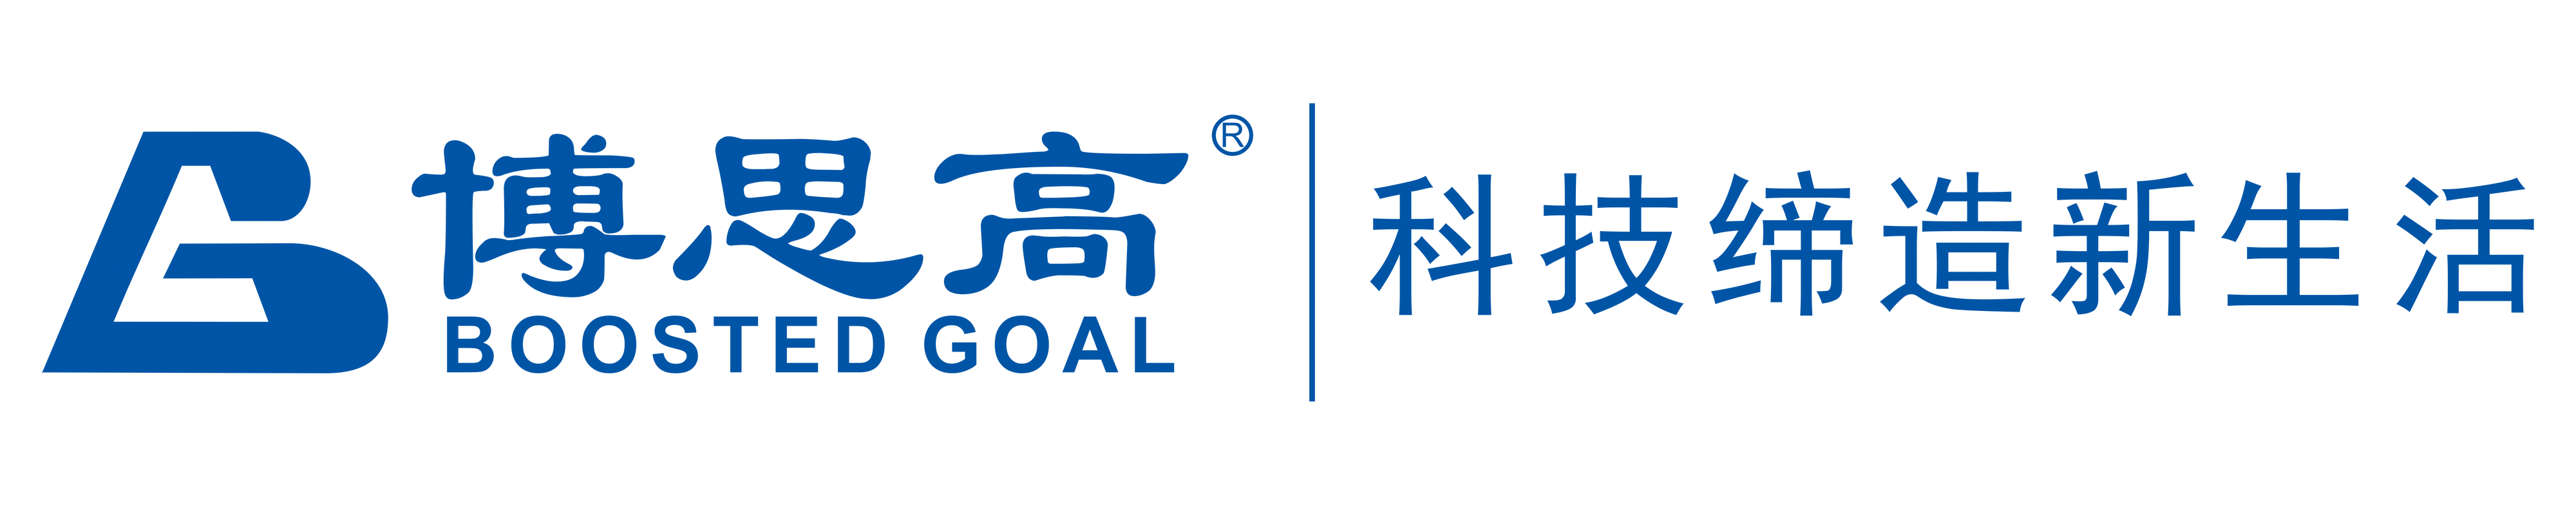 深圳市博思高科技有限公司